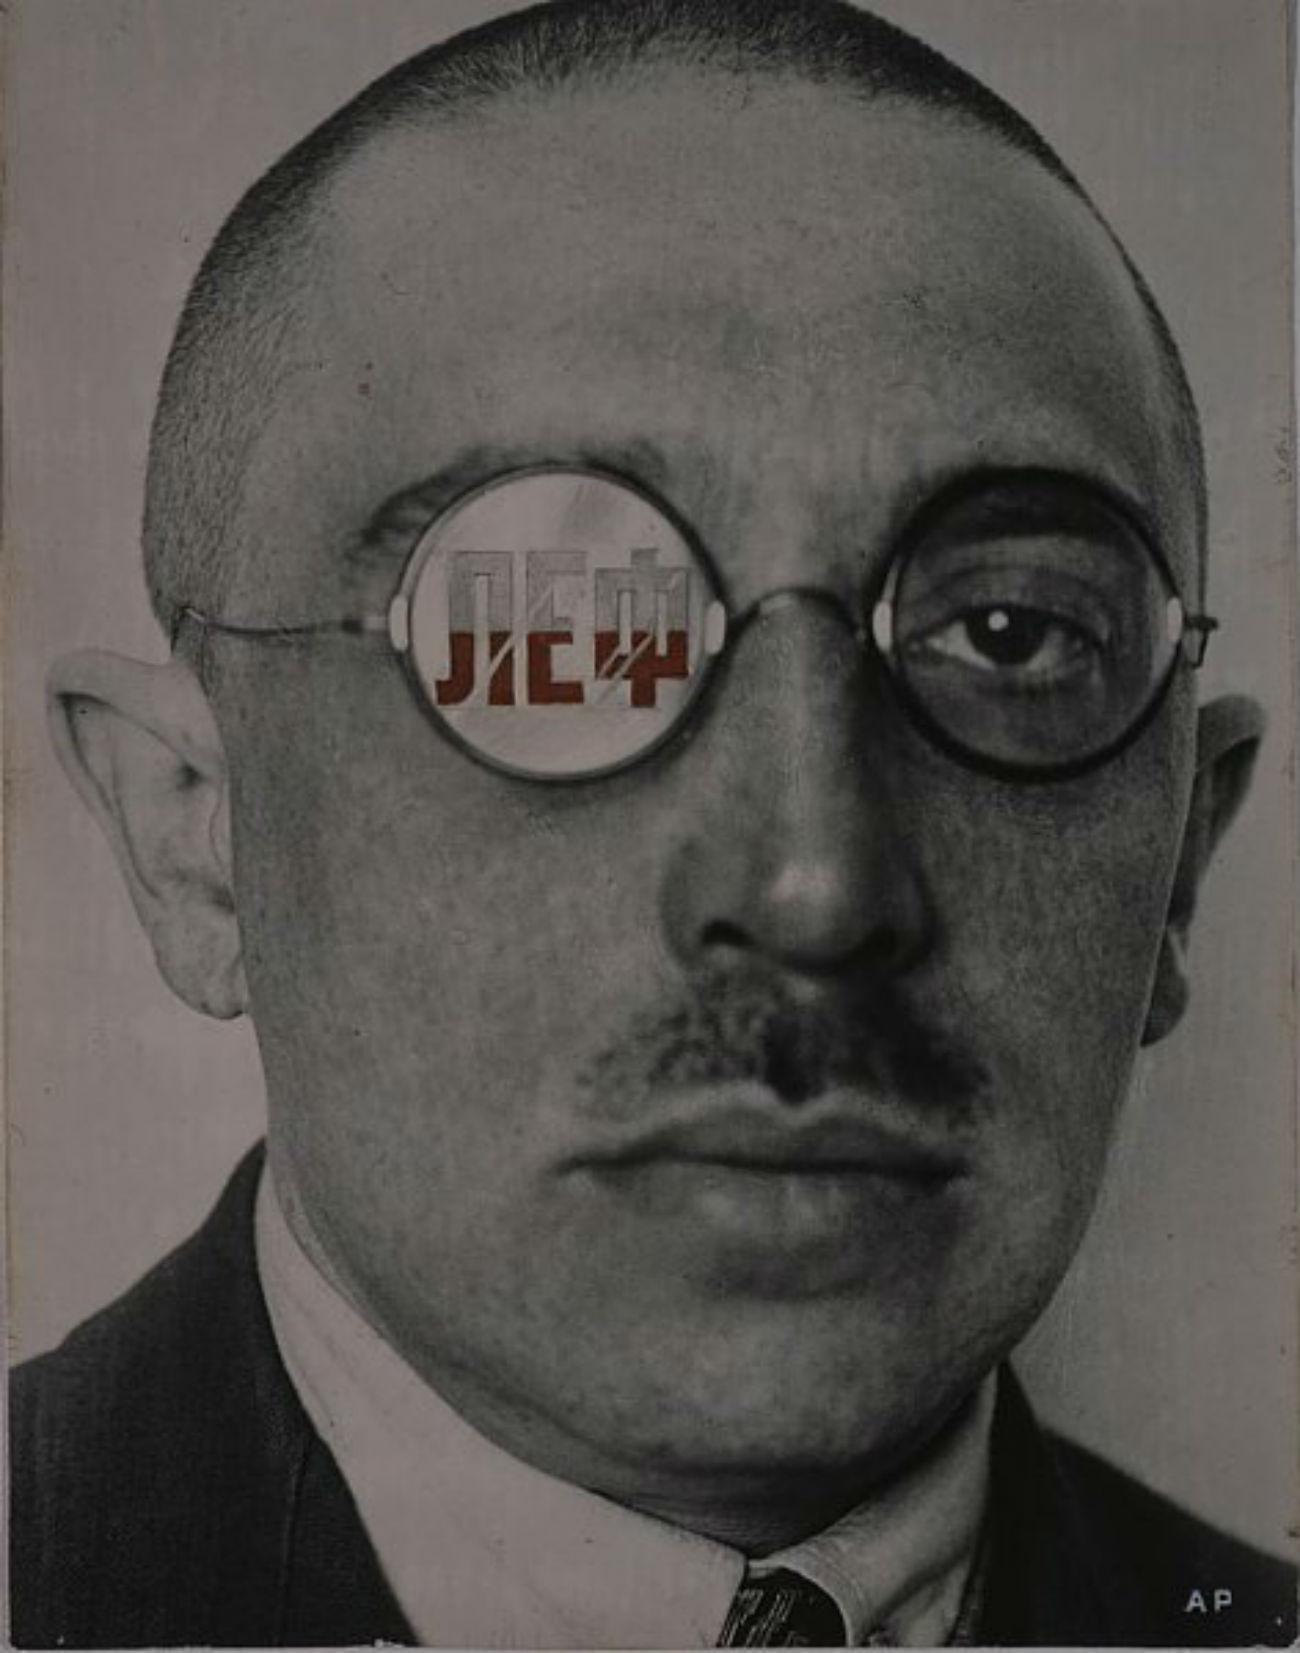 Il collabora avec de nombreux journaux, magazines et maisons d'édition, qui lui demandèrent d'élaborer des illustrations de couvertures et des travaux de mise en page. / 1924 Variante de couverture du magazine LEF. Portrait-charge d'Ossip Brik, 1924